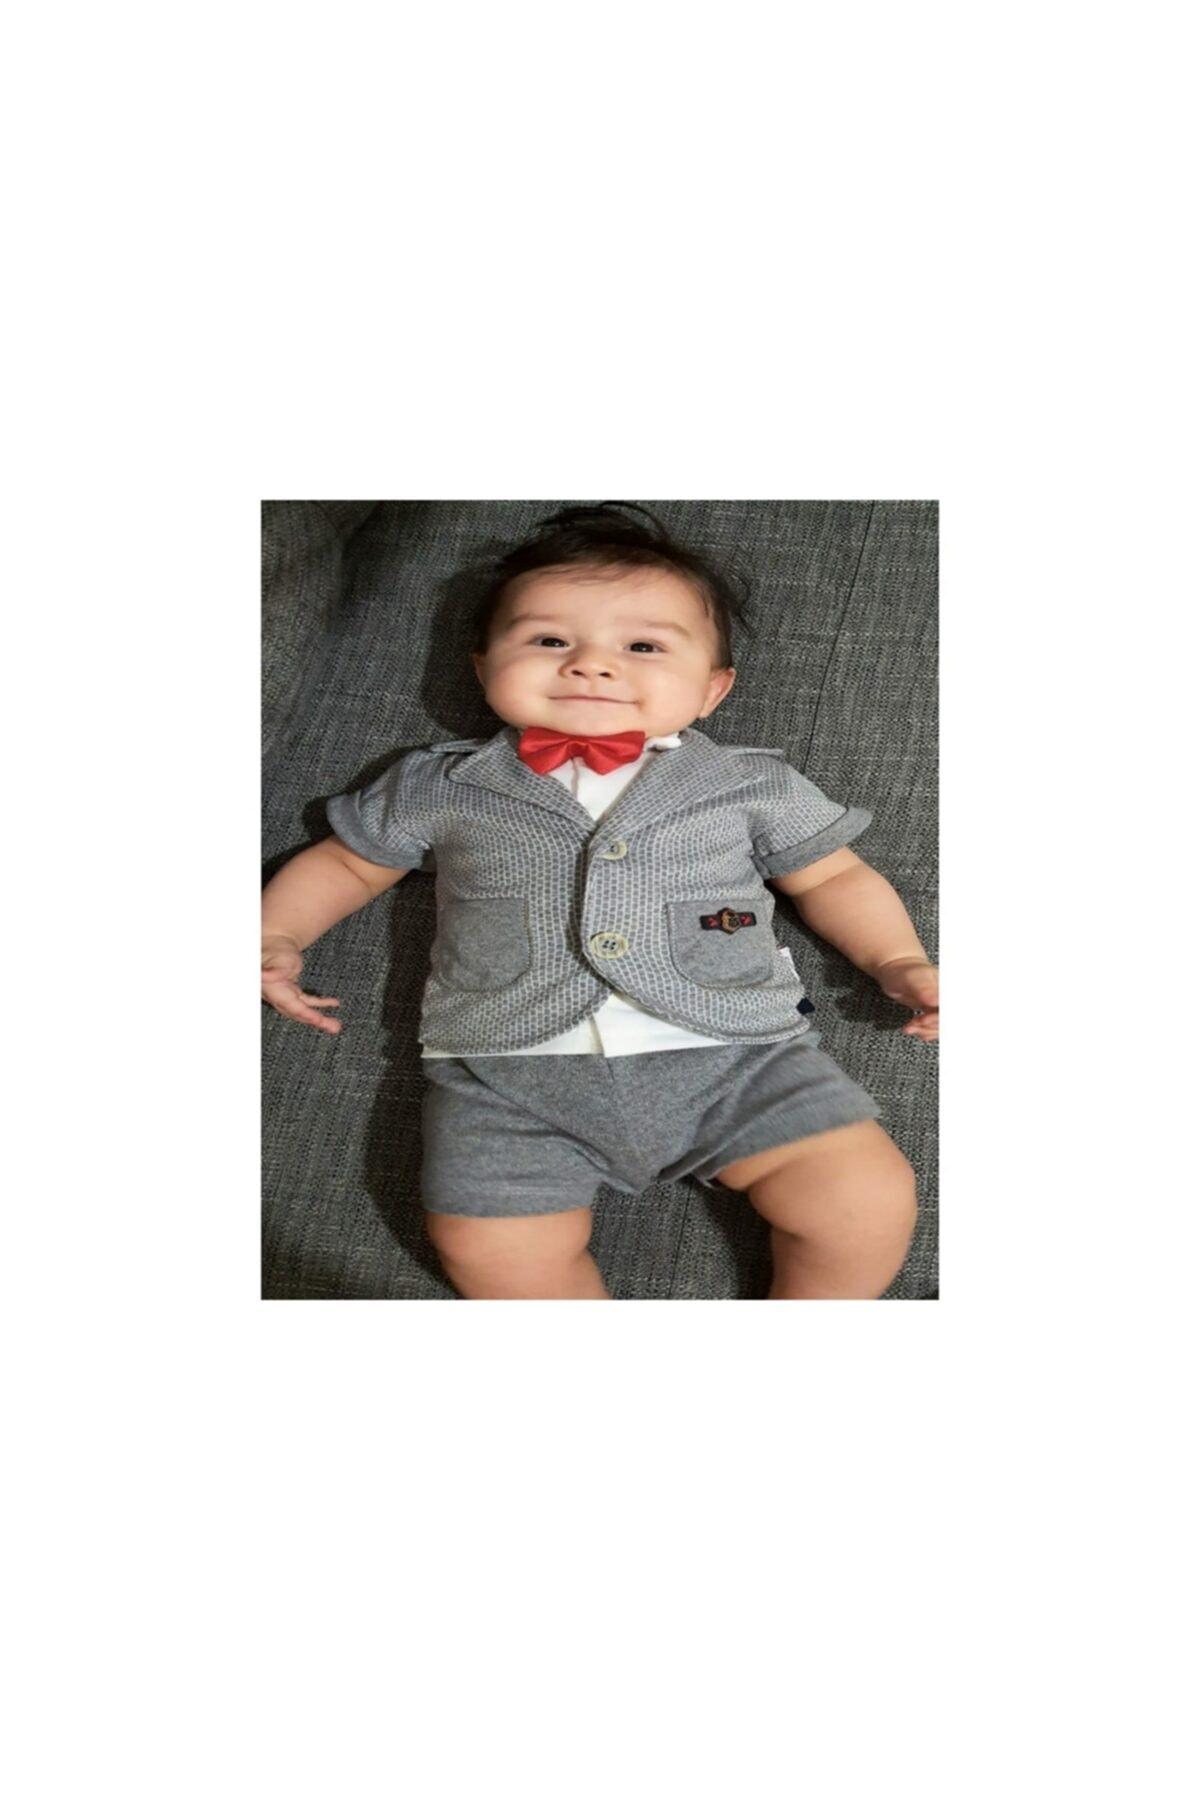 Modimix Erkek Bebek Açık Gri Kısa Kol Cepli 3 Parça Yazlık Takım Elbise 2